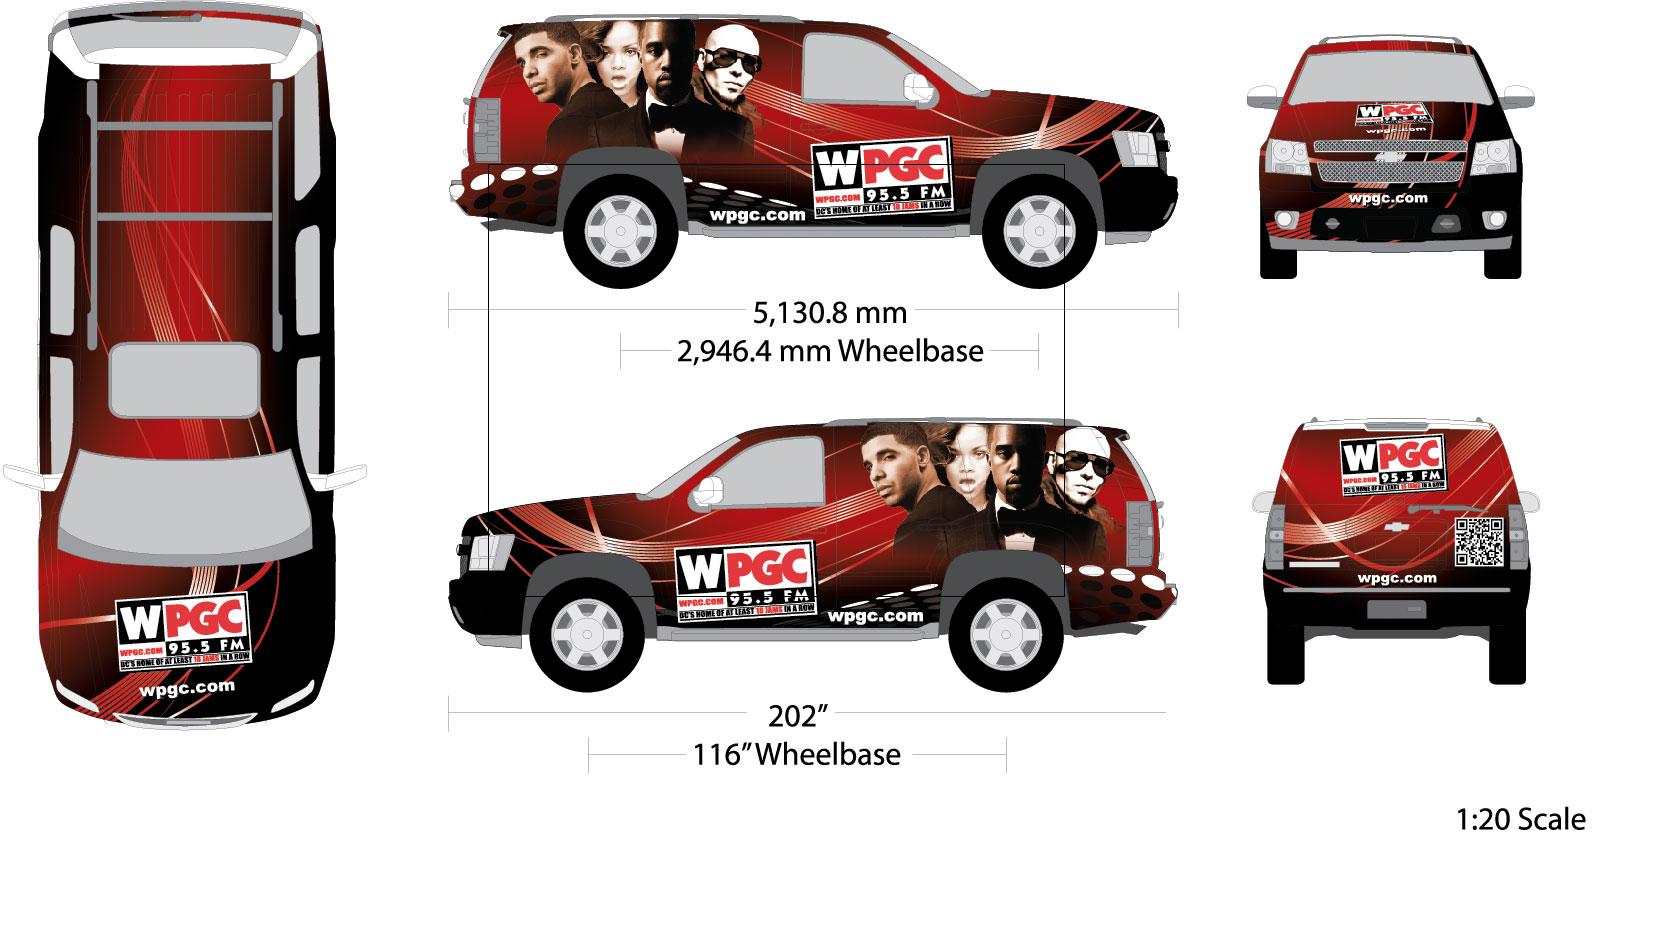 WPGC Van Wrap - 2012